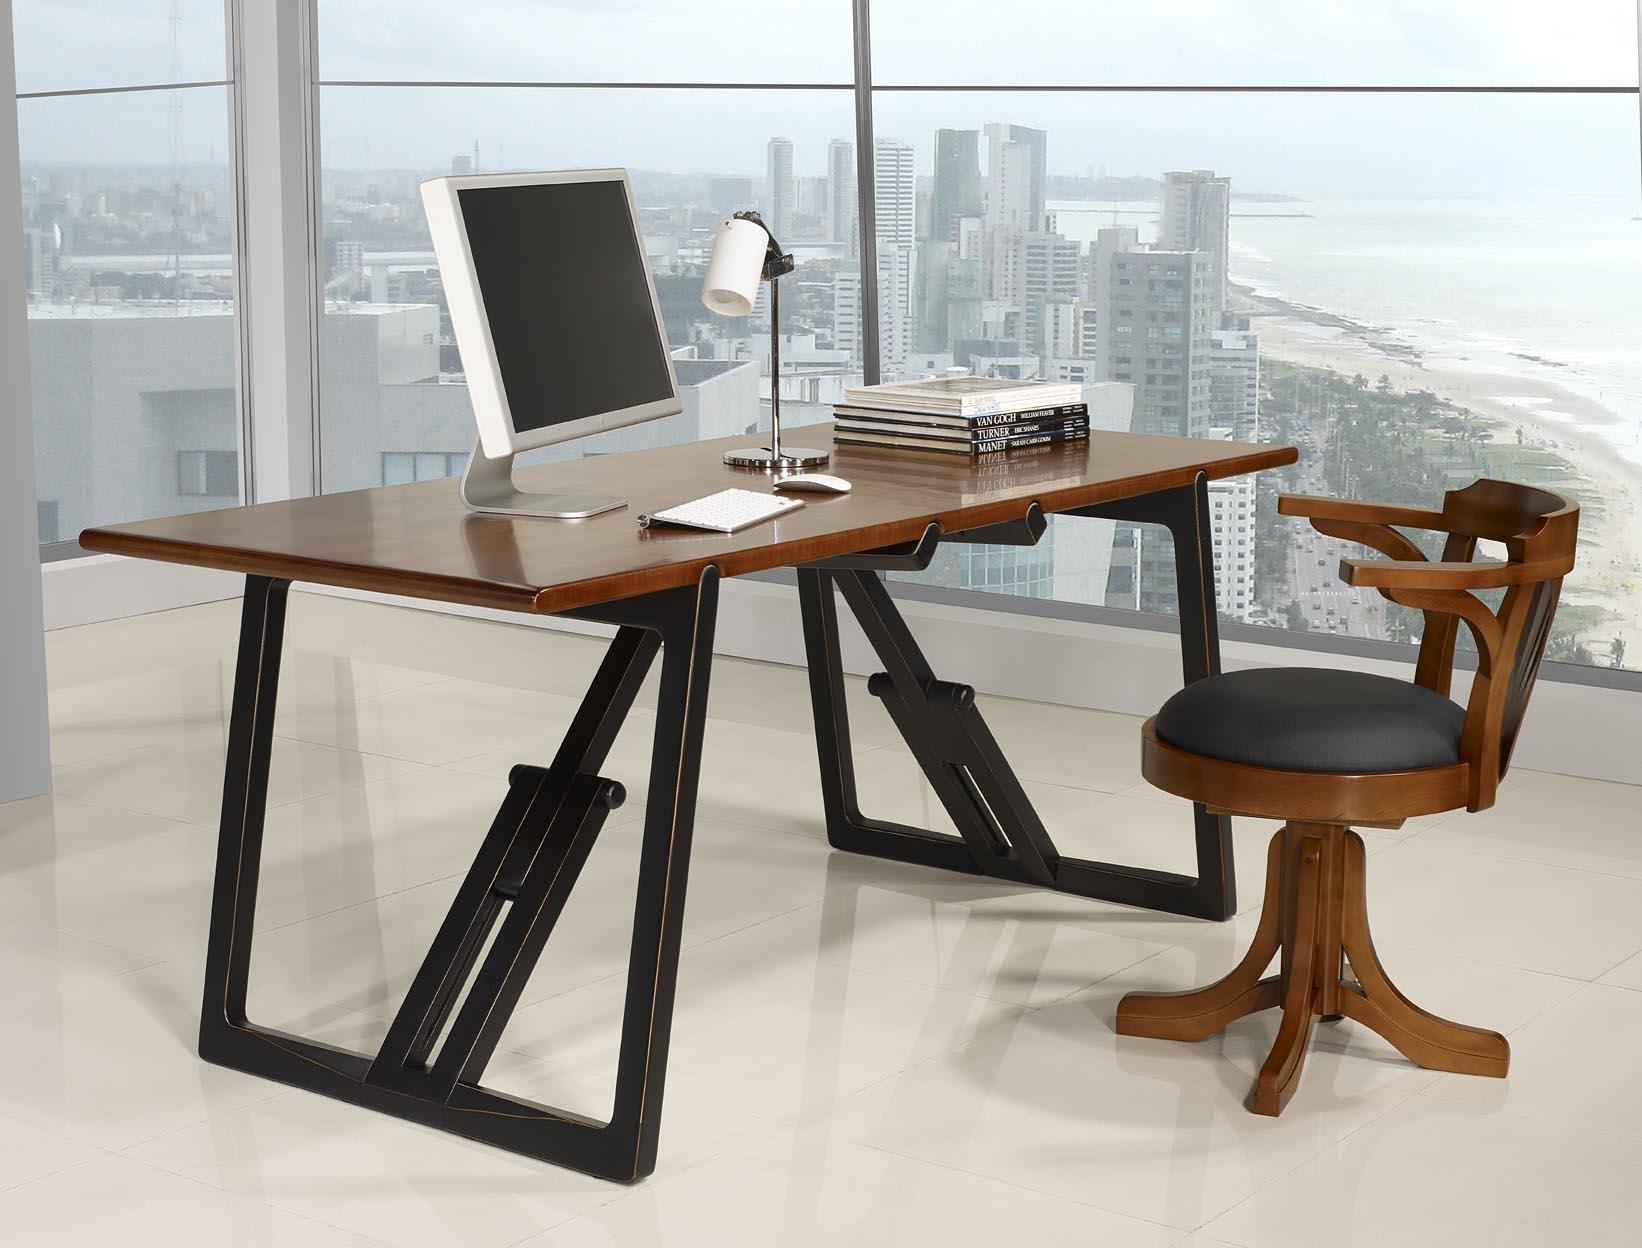 table de bureau en merisier massif de ligne contemporaine pi tement noir us et patin meuble. Black Bedroom Furniture Sets. Home Design Ideas